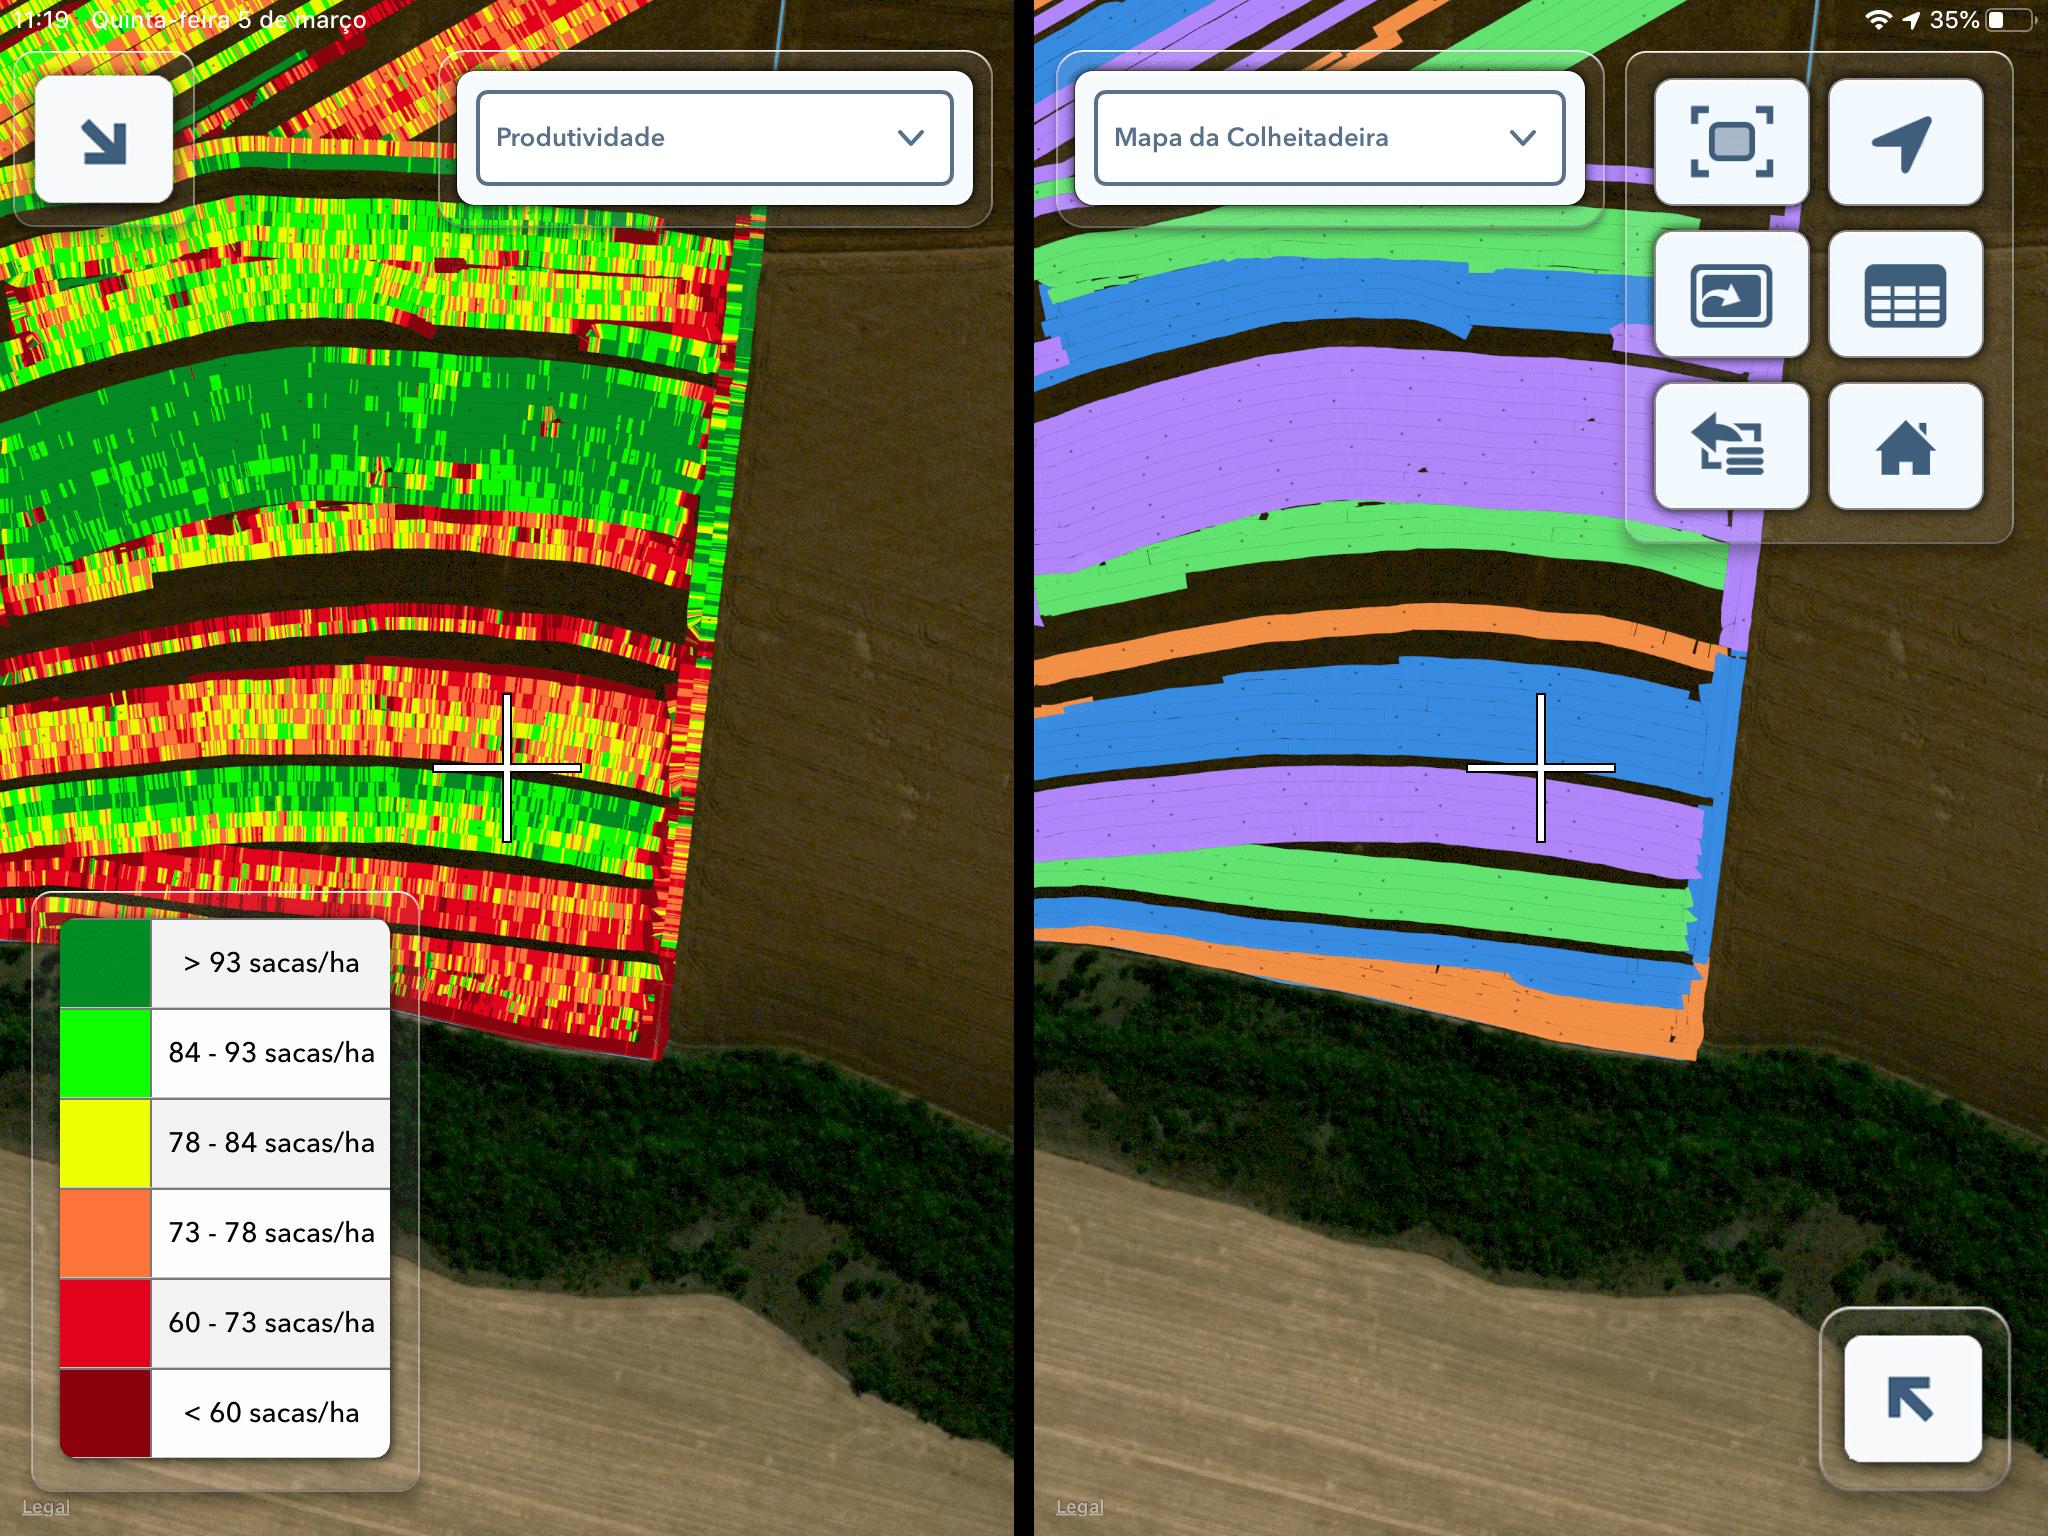 Sensores de maquinas para a colheita da soja na agricultura digital